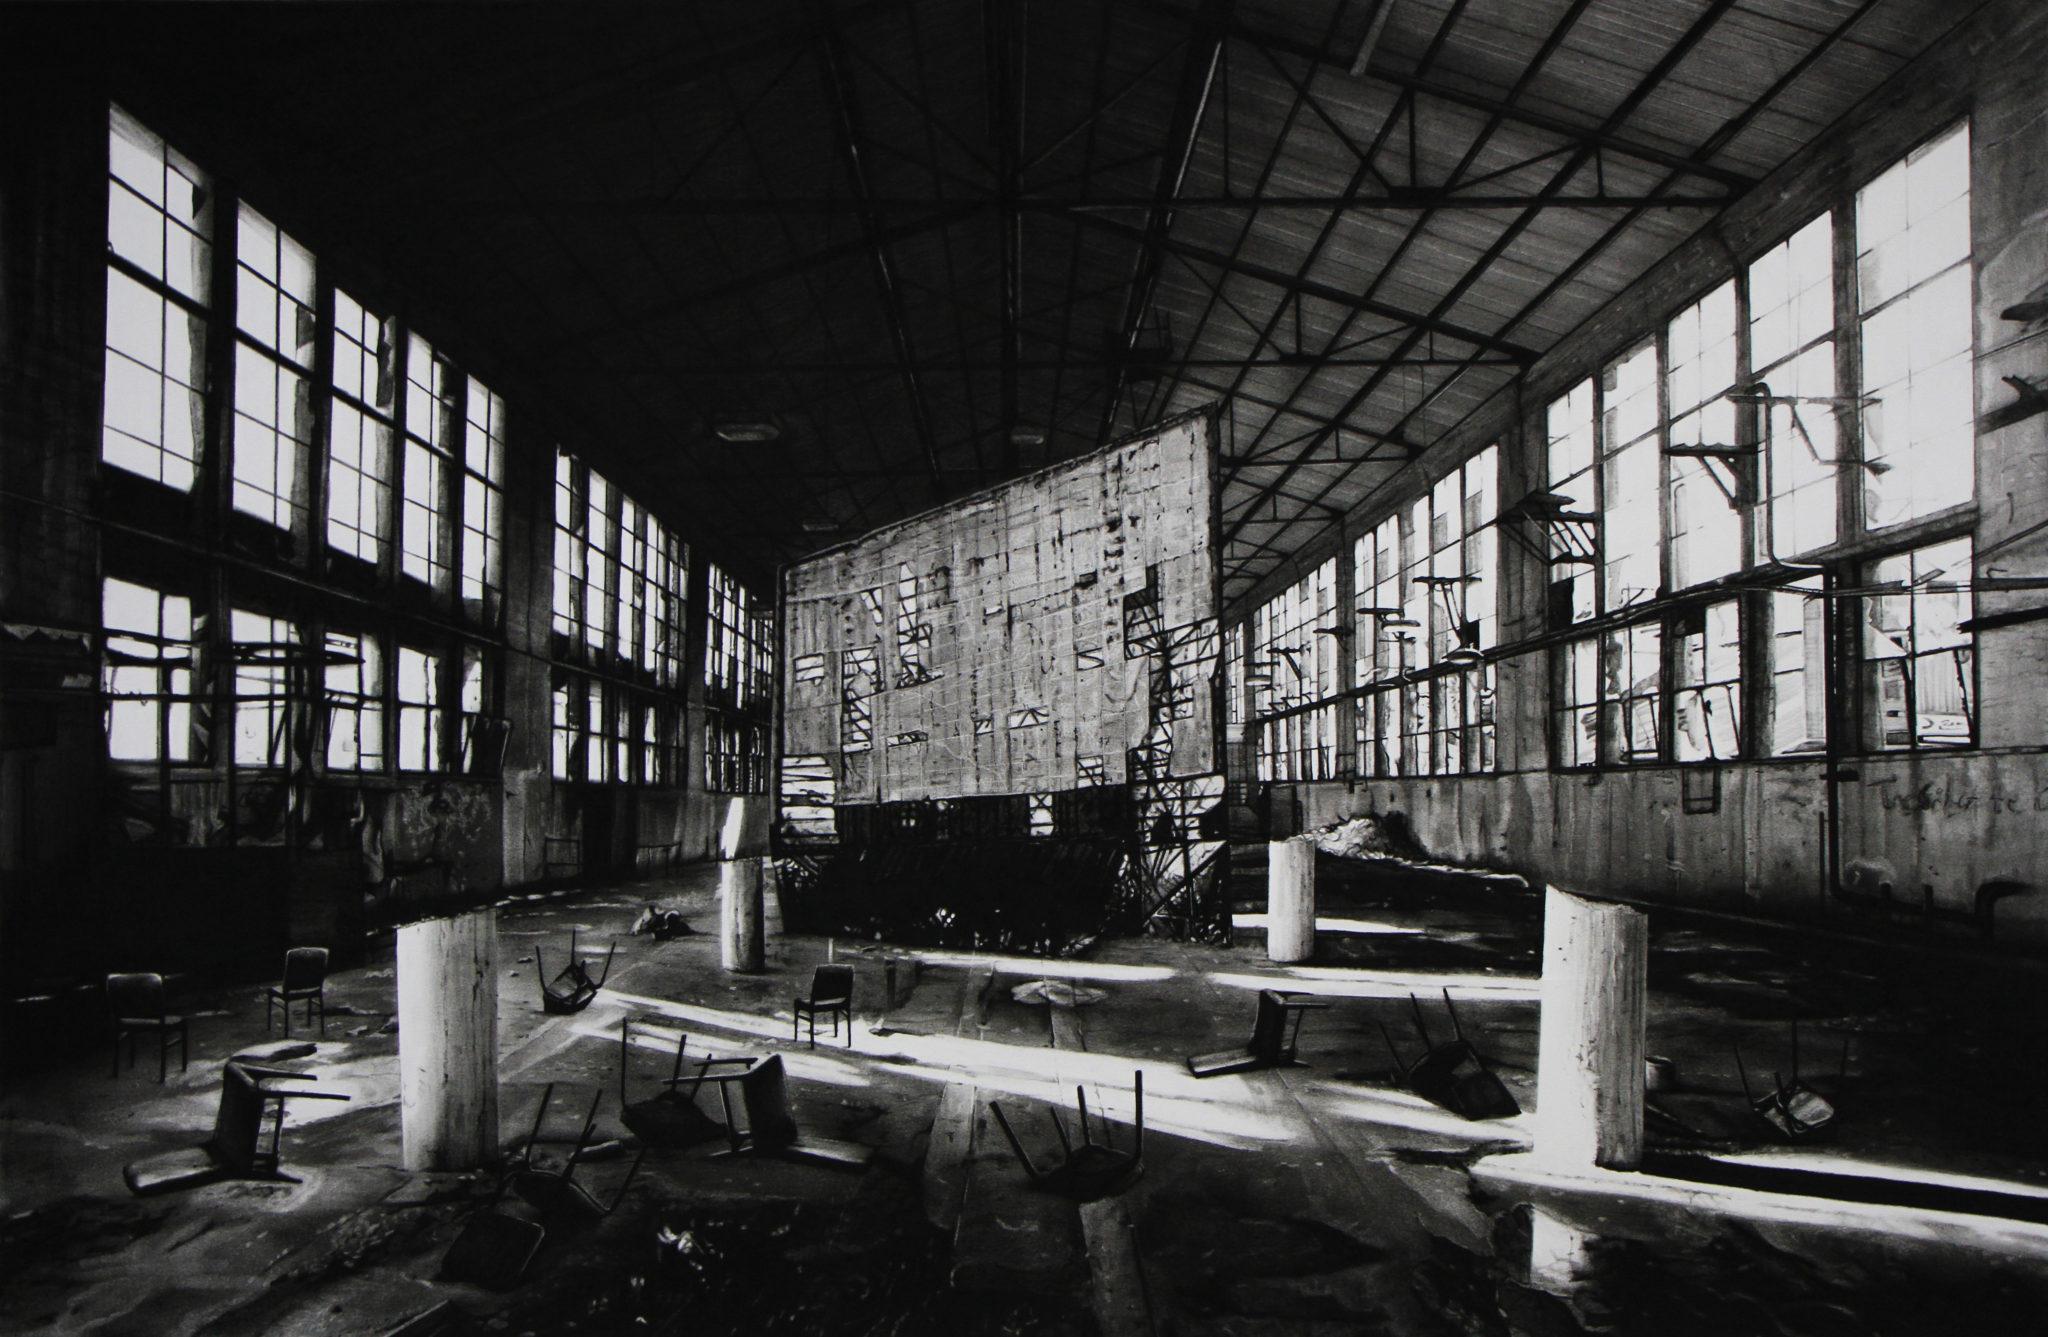 Mathieu Dufois, Intermède, 2018_Dessin à la pierre noire sur papier, 107 x 162 cm © Mathieu Dufois – Courtesy Galerie C